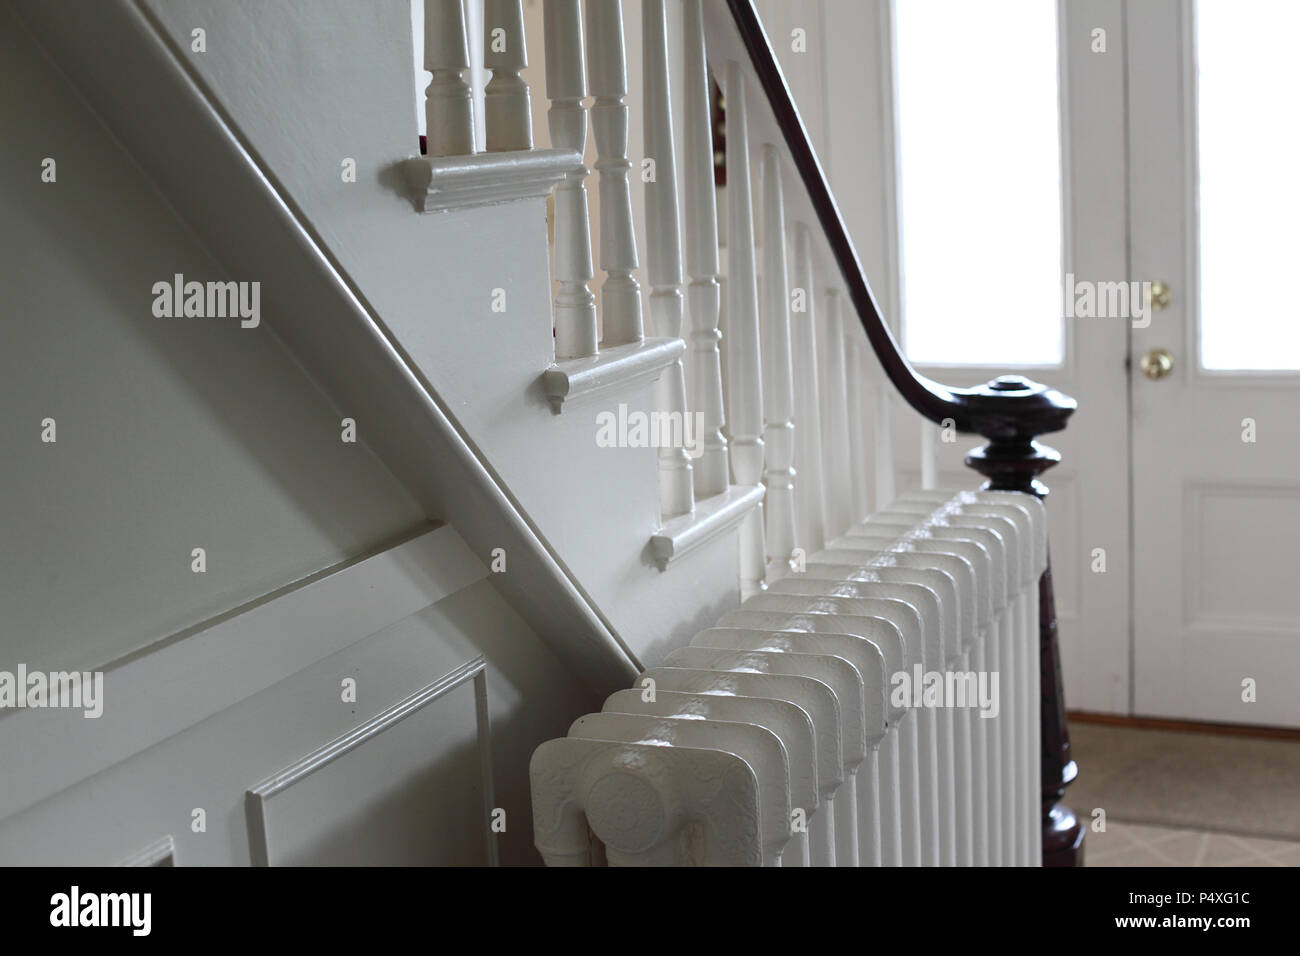 Escalier Dans Maison Ancienne l'intérieur d'une maison ancienne montrant portes avant